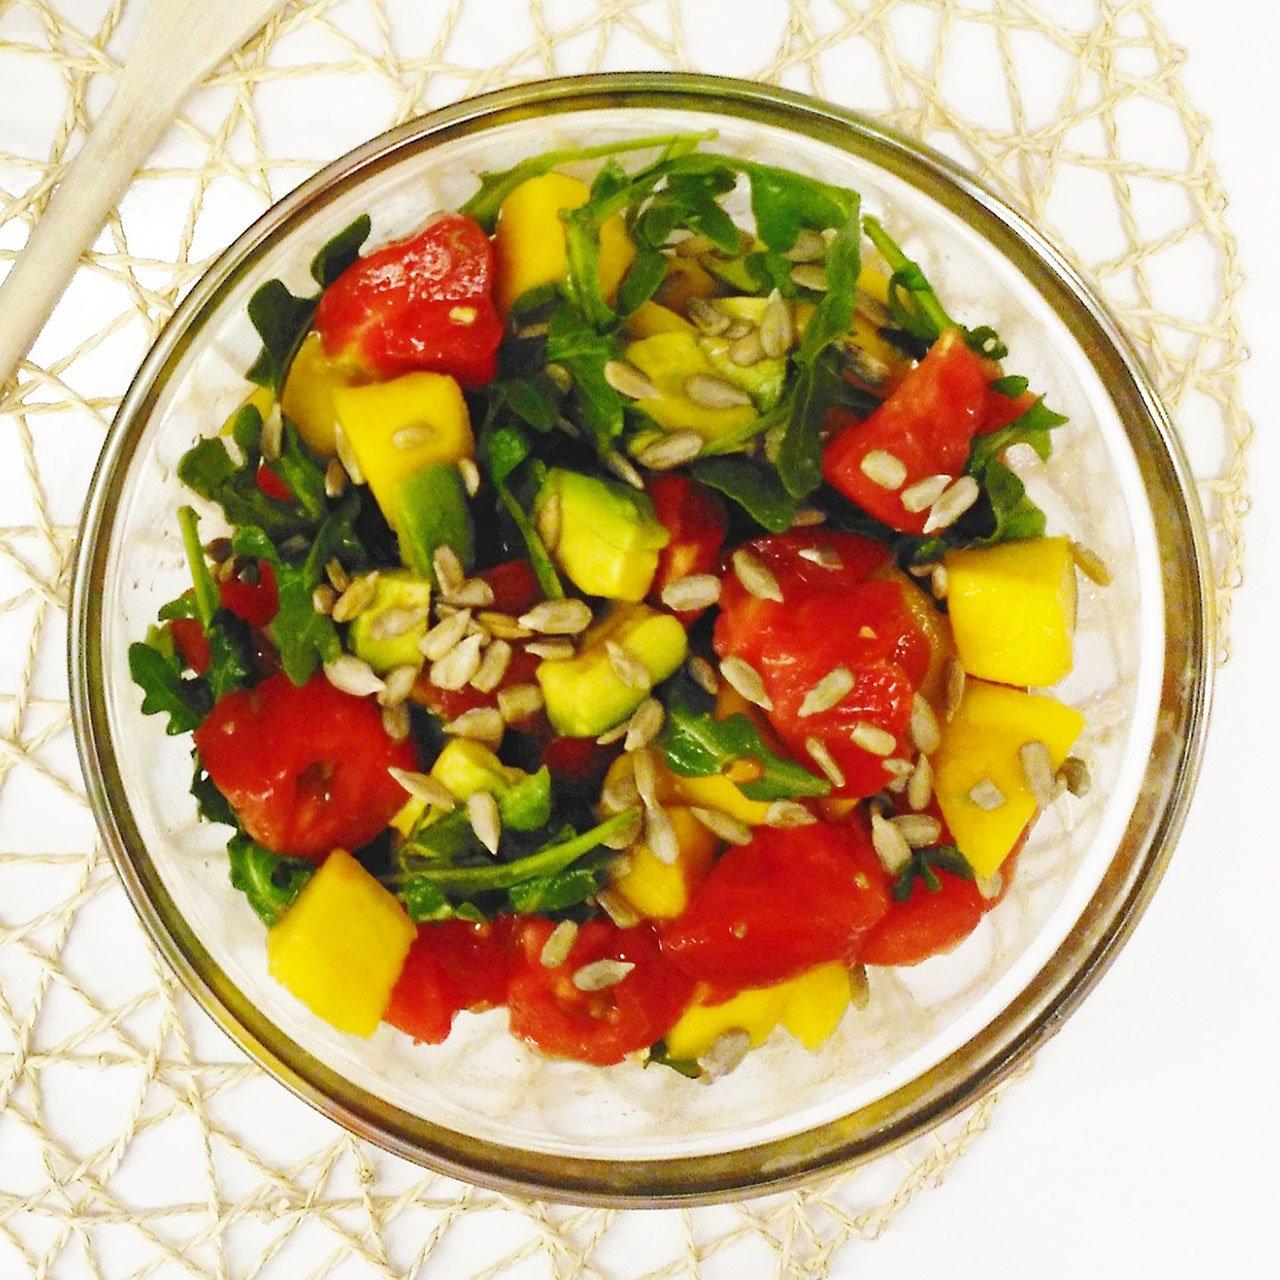 Ensalada de mango y tomate